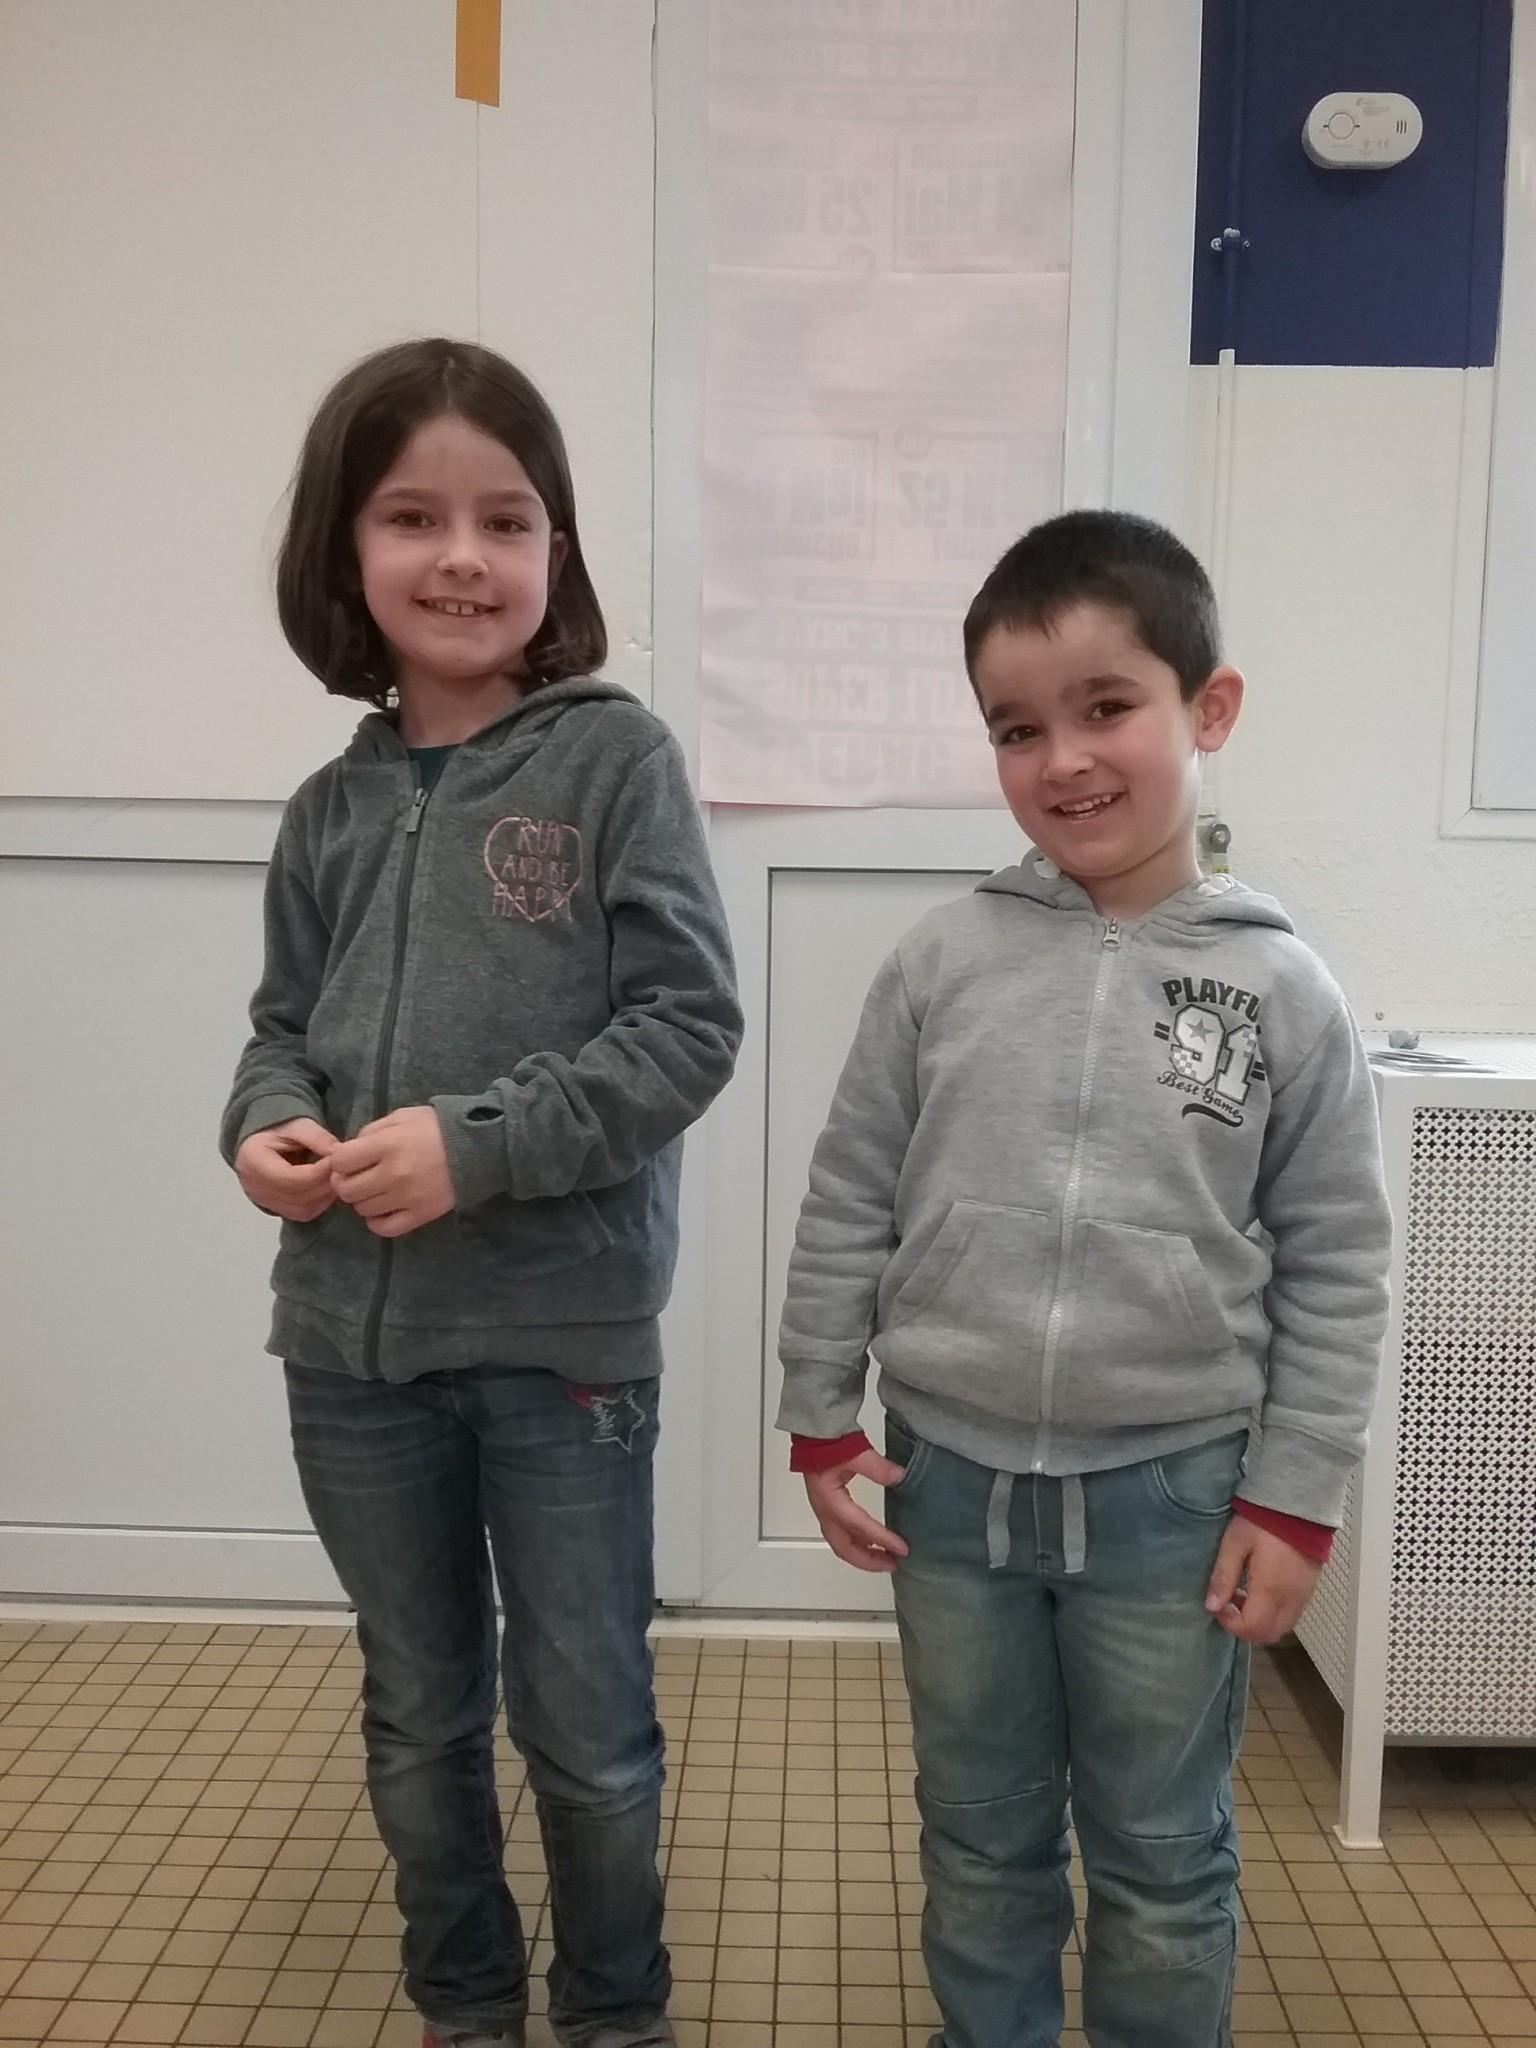 Nous avons dit au revoir à Manon et Hugo qui changent d'école après les vacances. N'oubliez pas de nous donner de vos nouvelles !!